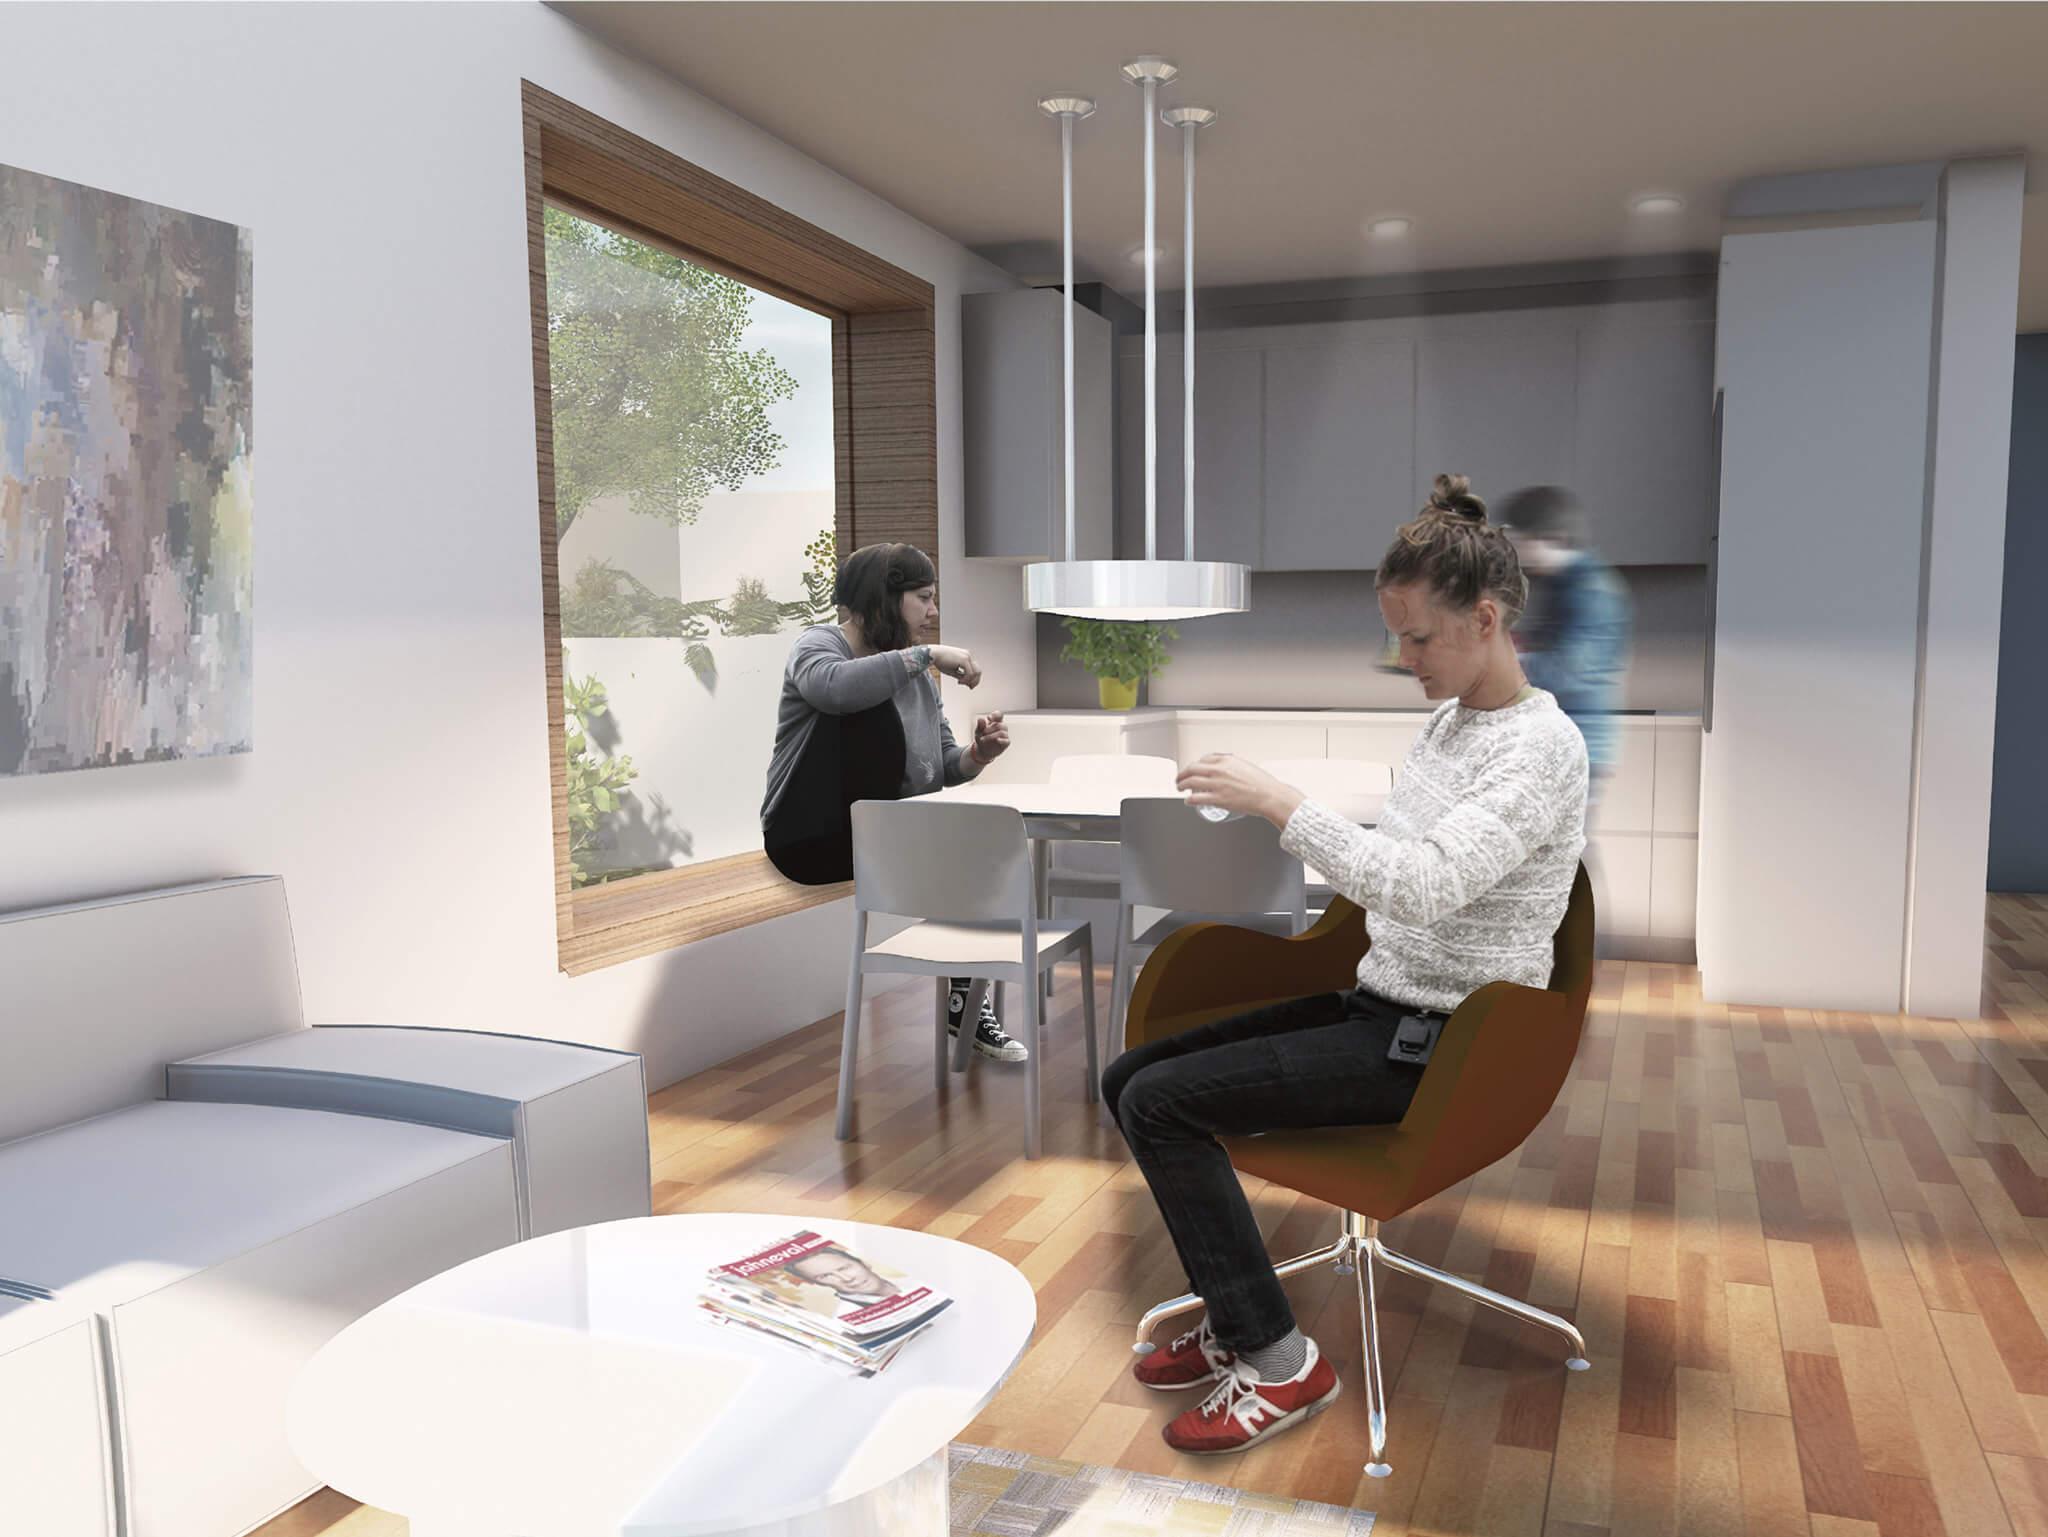 popularc Referenz Doppelhaus: Küche